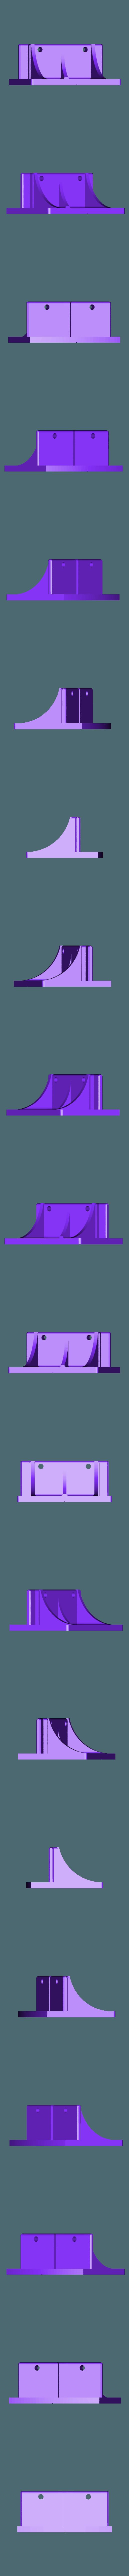 NSKB-80-top.stl Télécharger fichier STL gratuit Pièces 3D pour l'imprimante Ceramic DIY • Objet à imprimer en 3D, fgeer